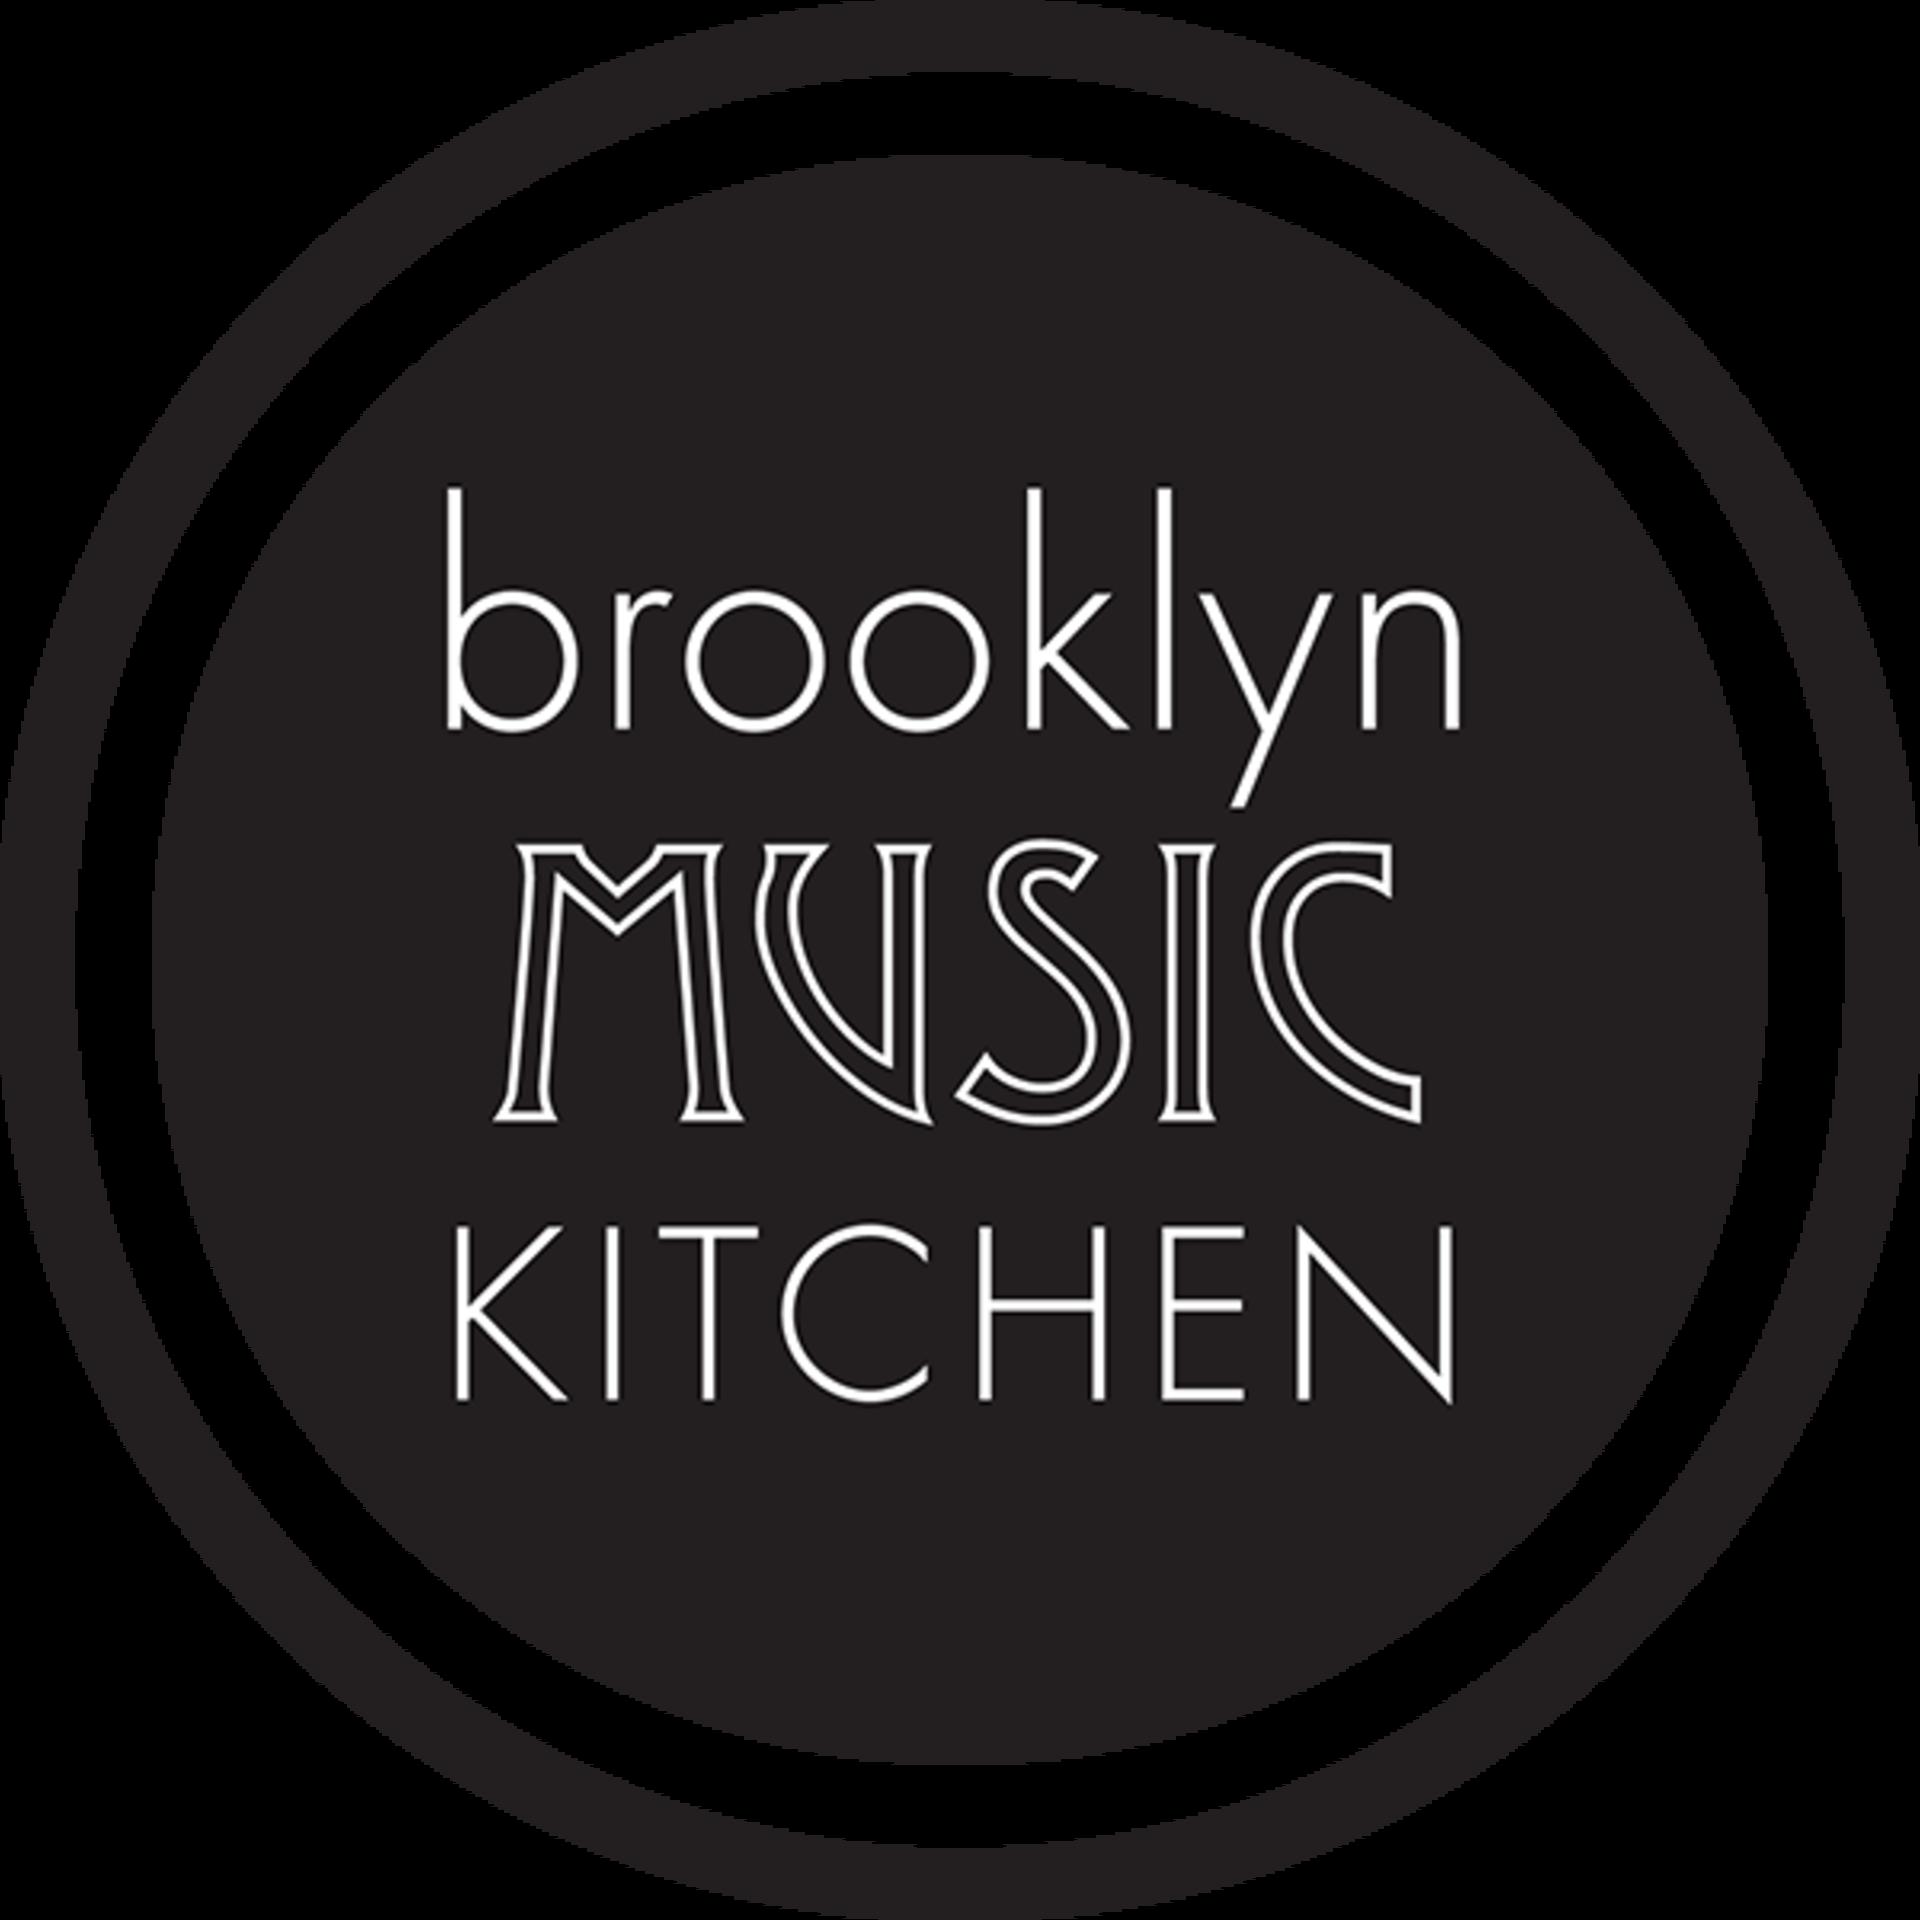 BROOKLYN MUSIC KITCHEN/177 VANDERBILT/BROOKLYN/NY